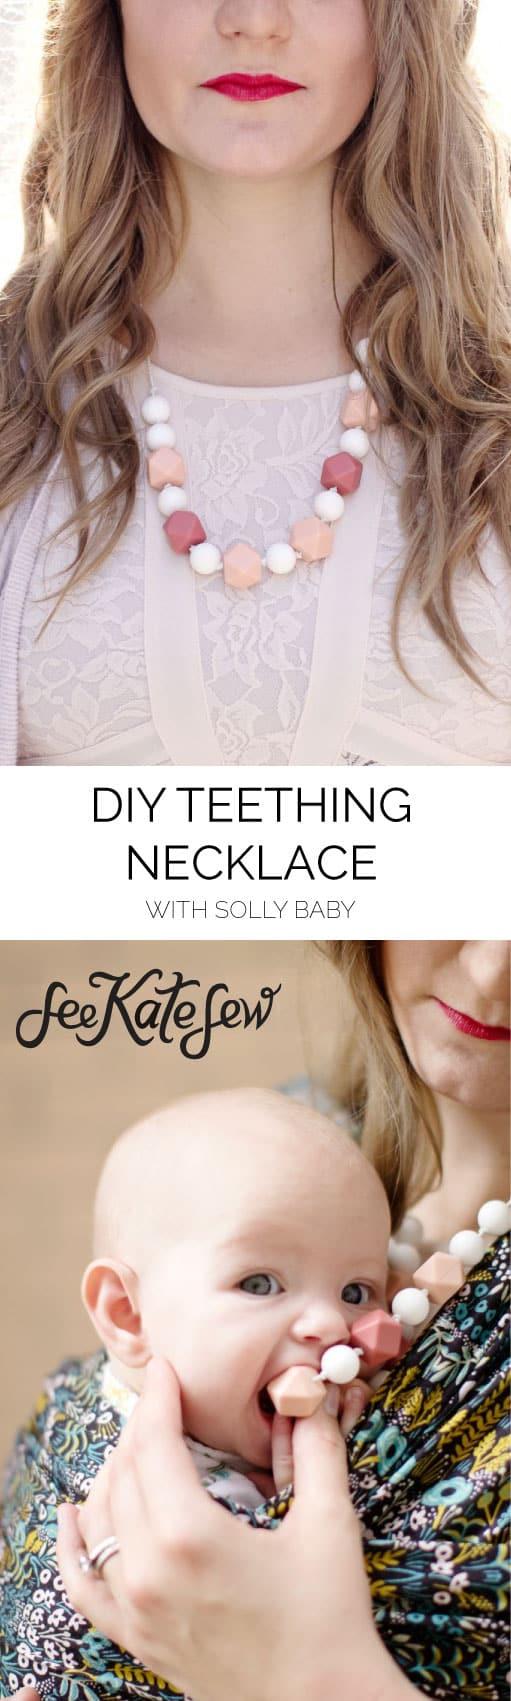 DIY Teething Necklace| See Kate Sew